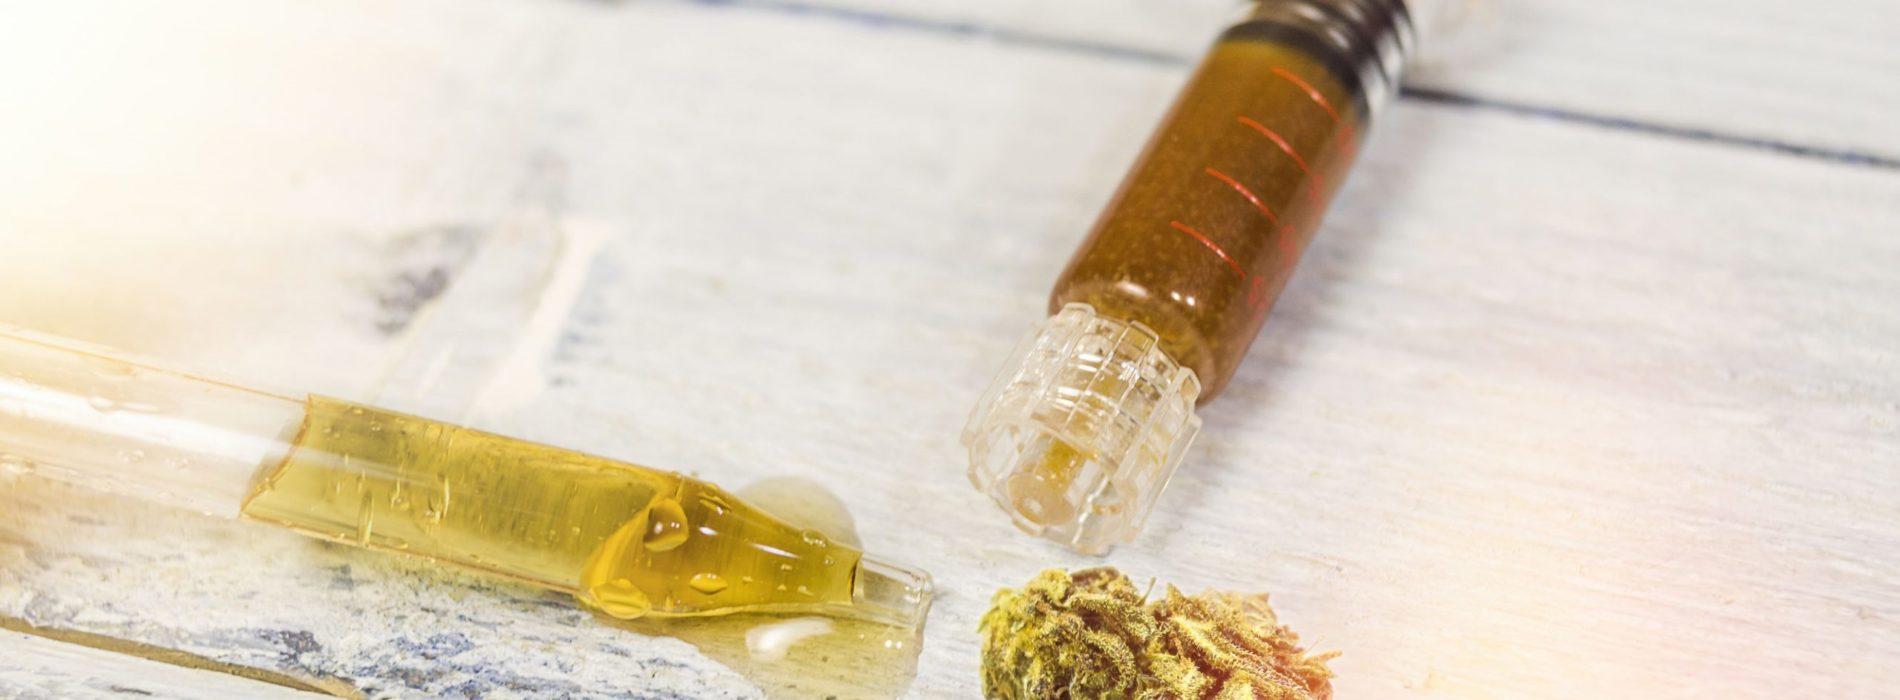 Pasta czy olejek z konopi – czym się różnią i co jest lepsze?